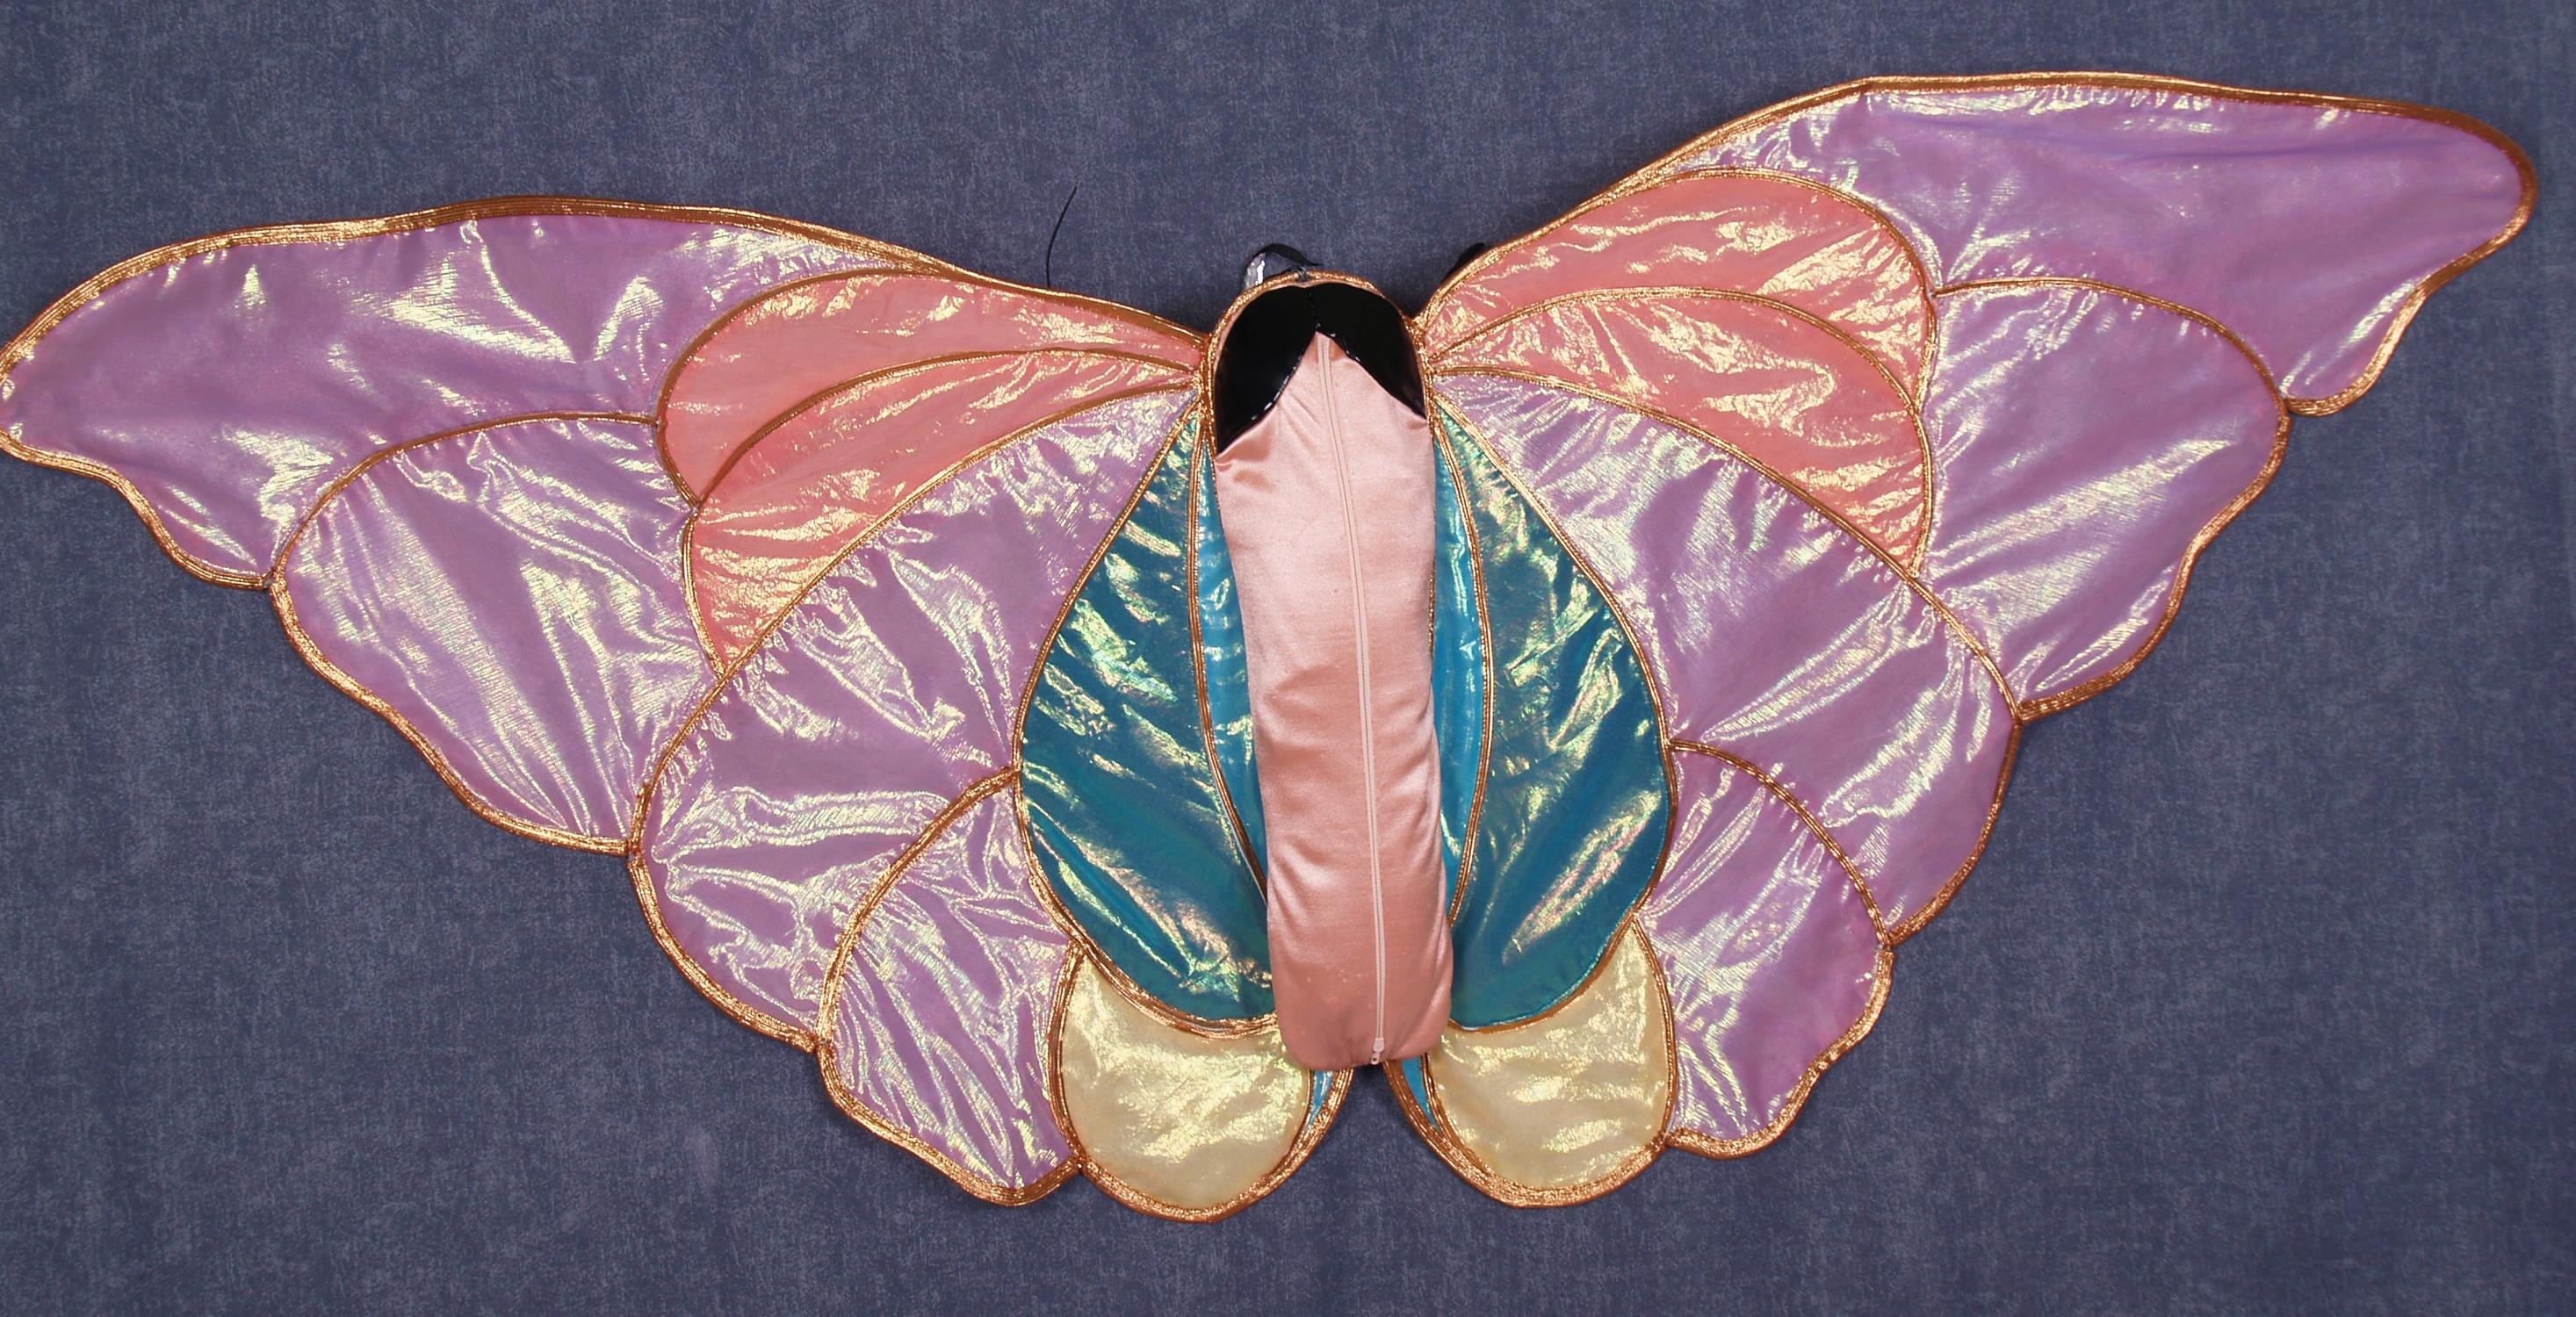 Hannah's wings